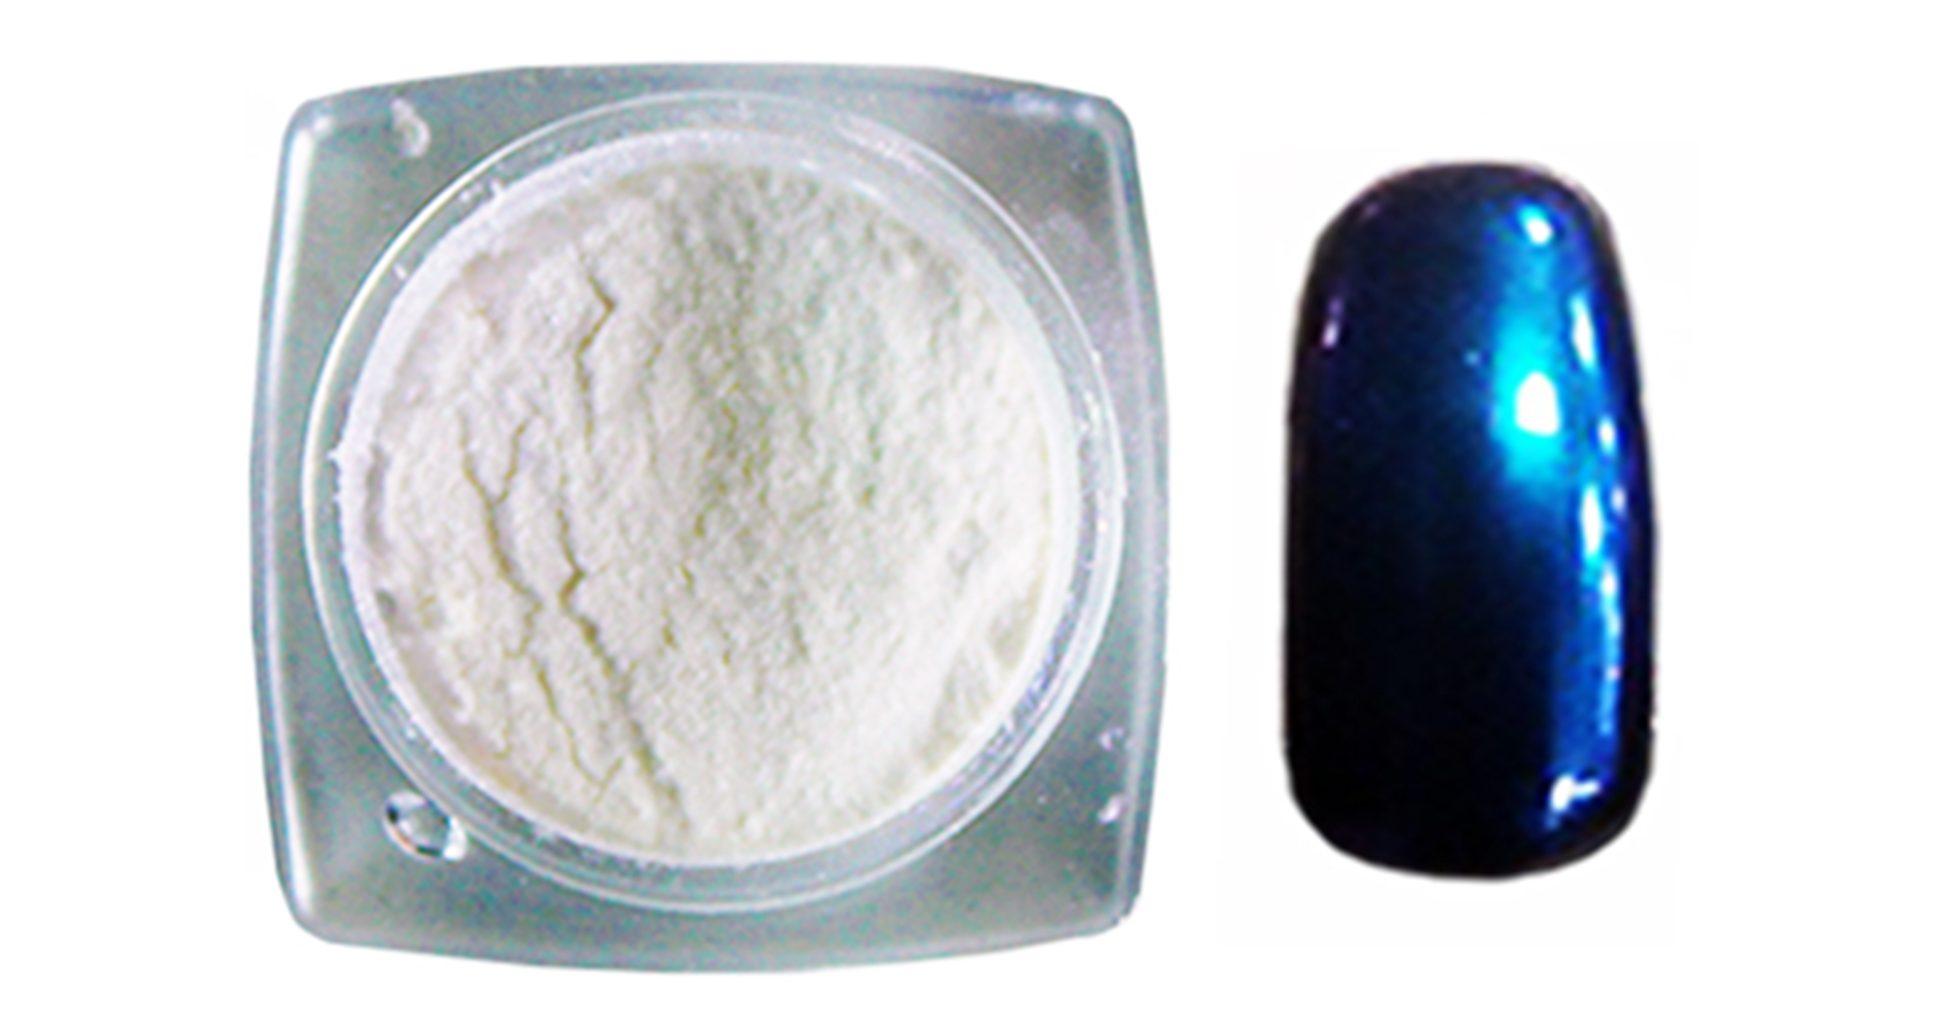 MI-NY Chromatic Mirror Powder 03